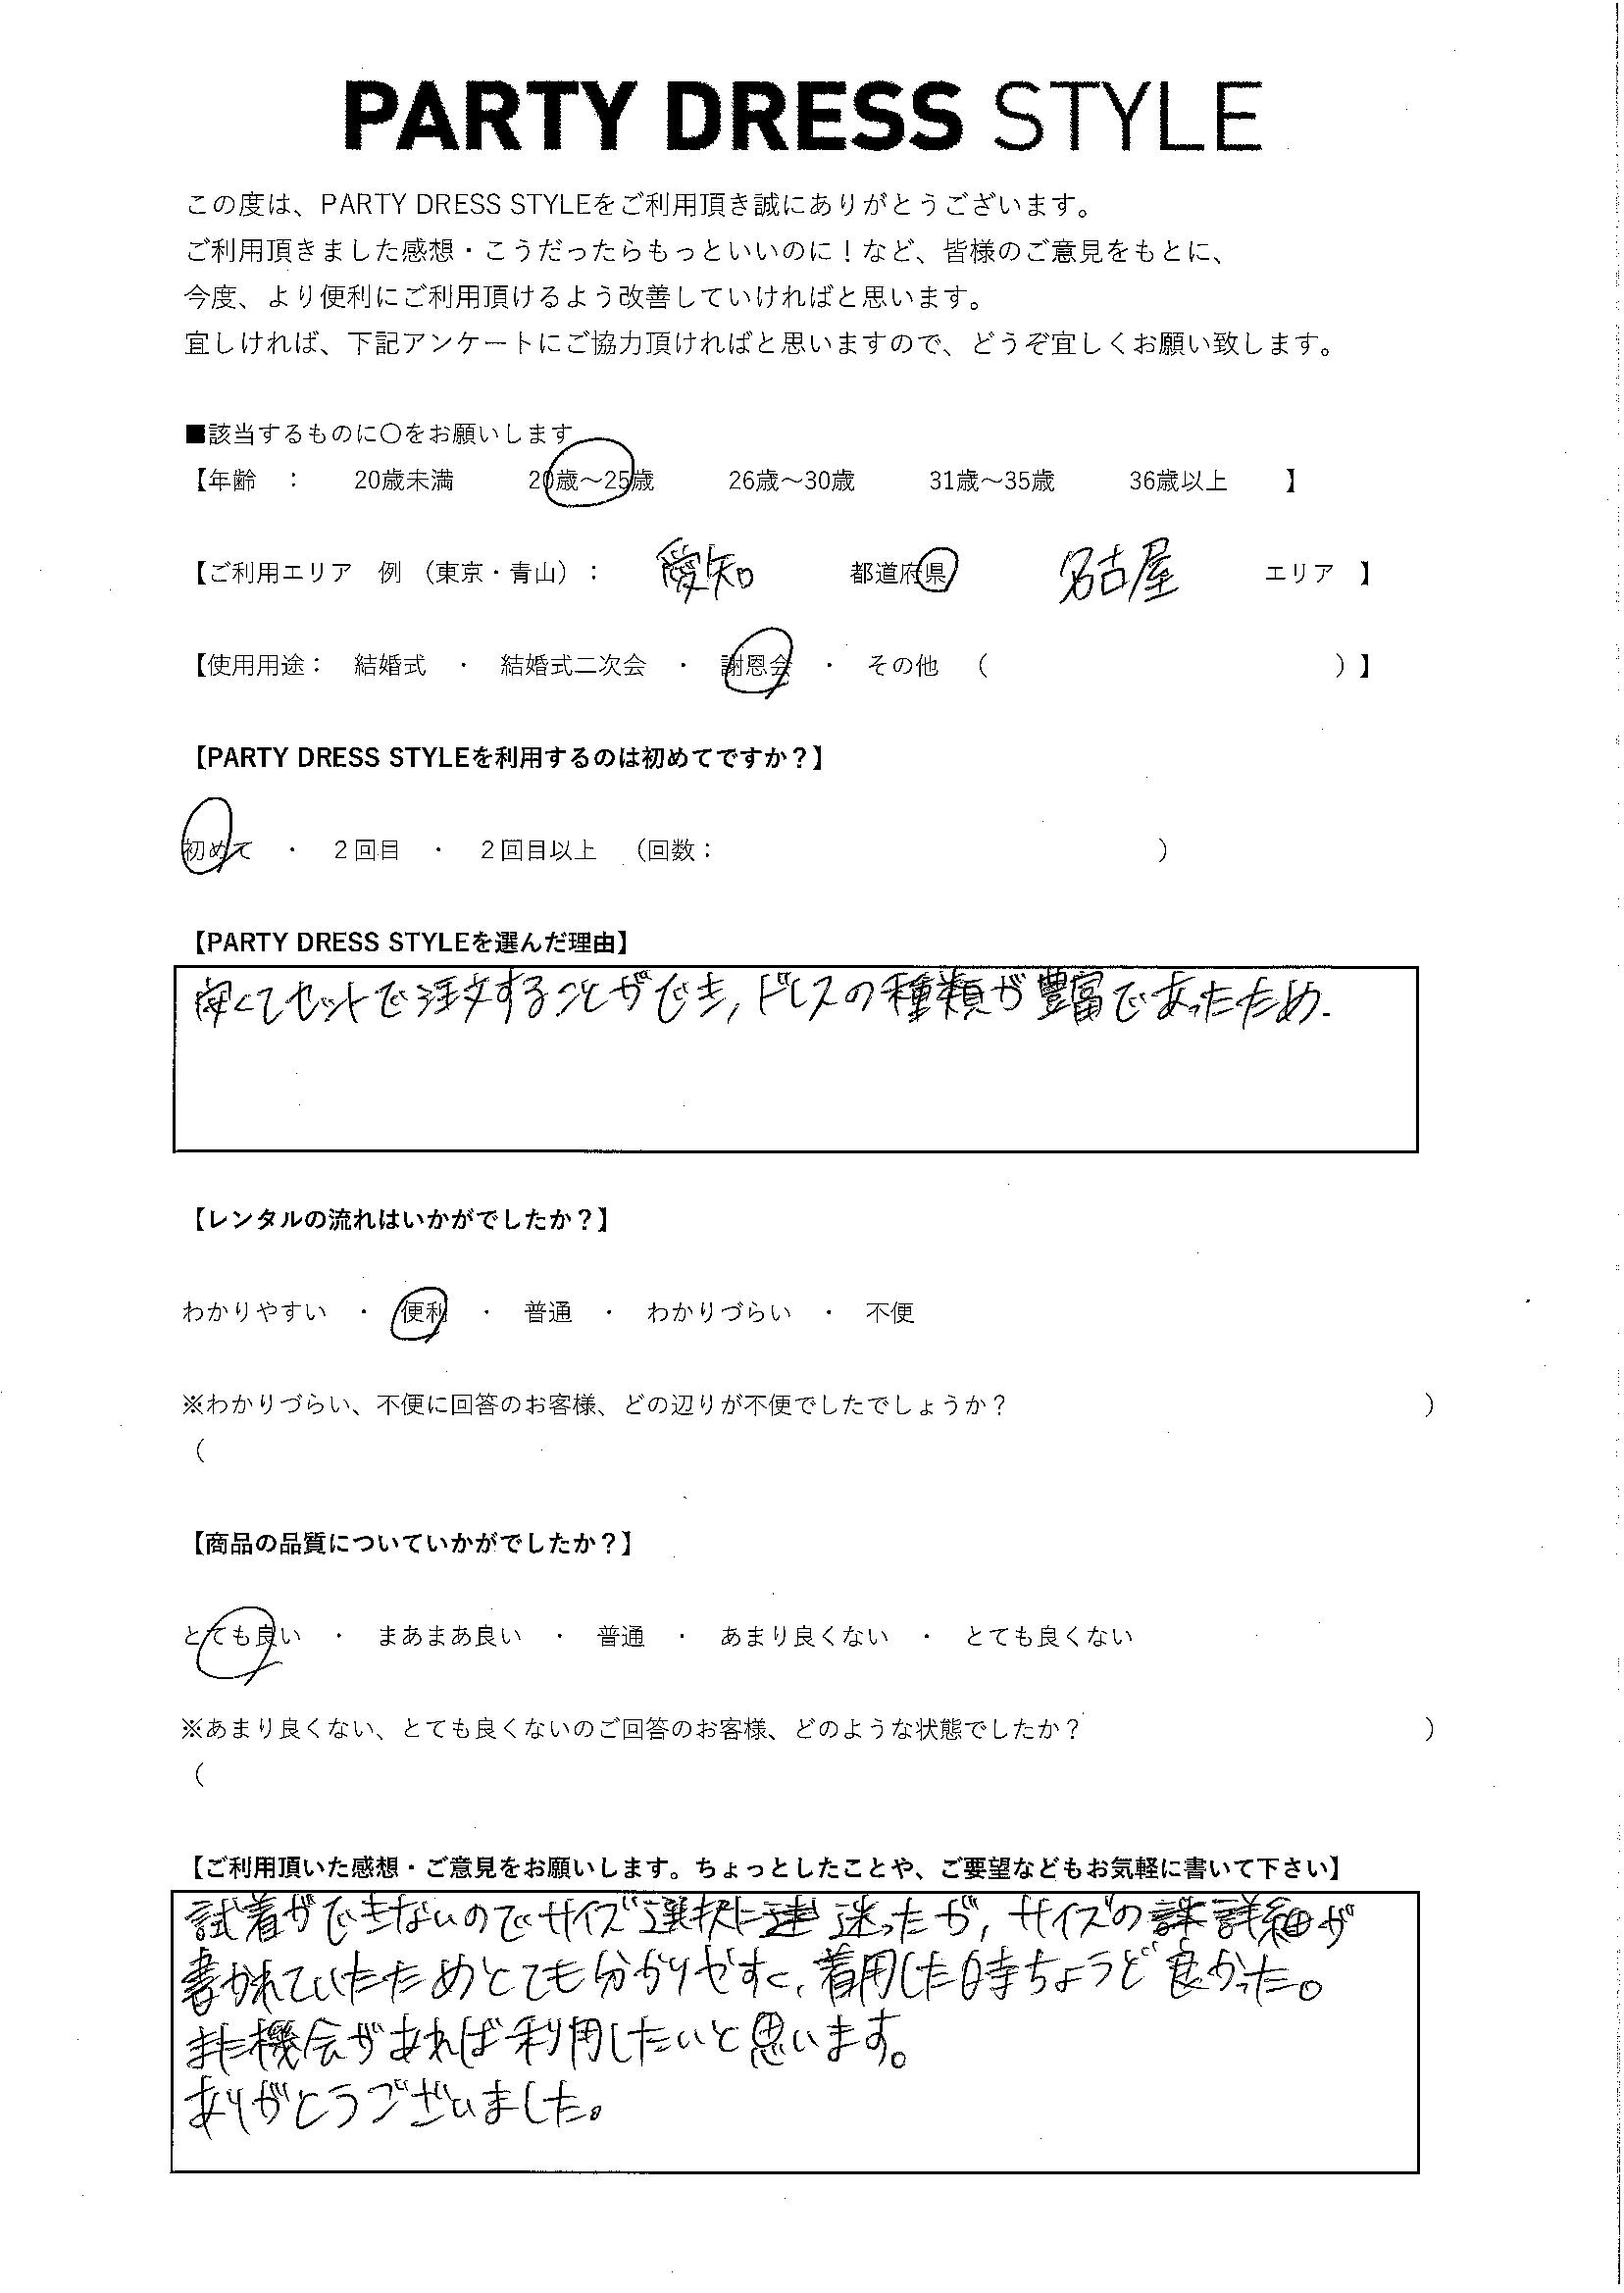 3/12 謝恩会 愛知・名古屋エリア